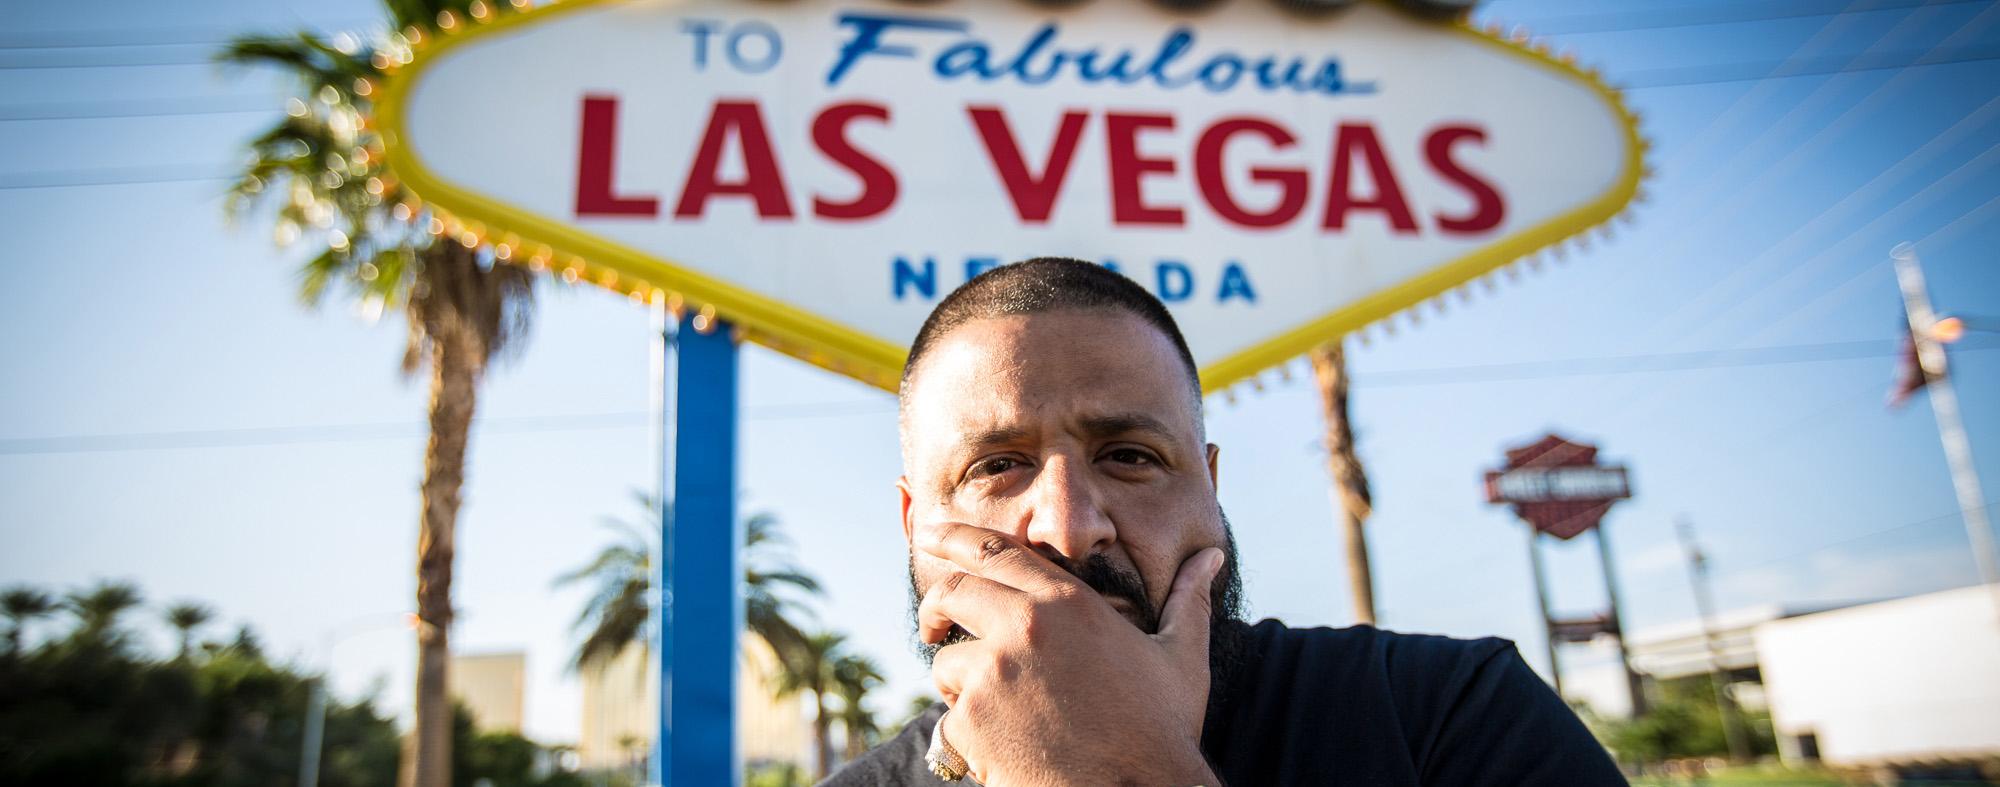 DJ Khaled Las Vegas Snapchat